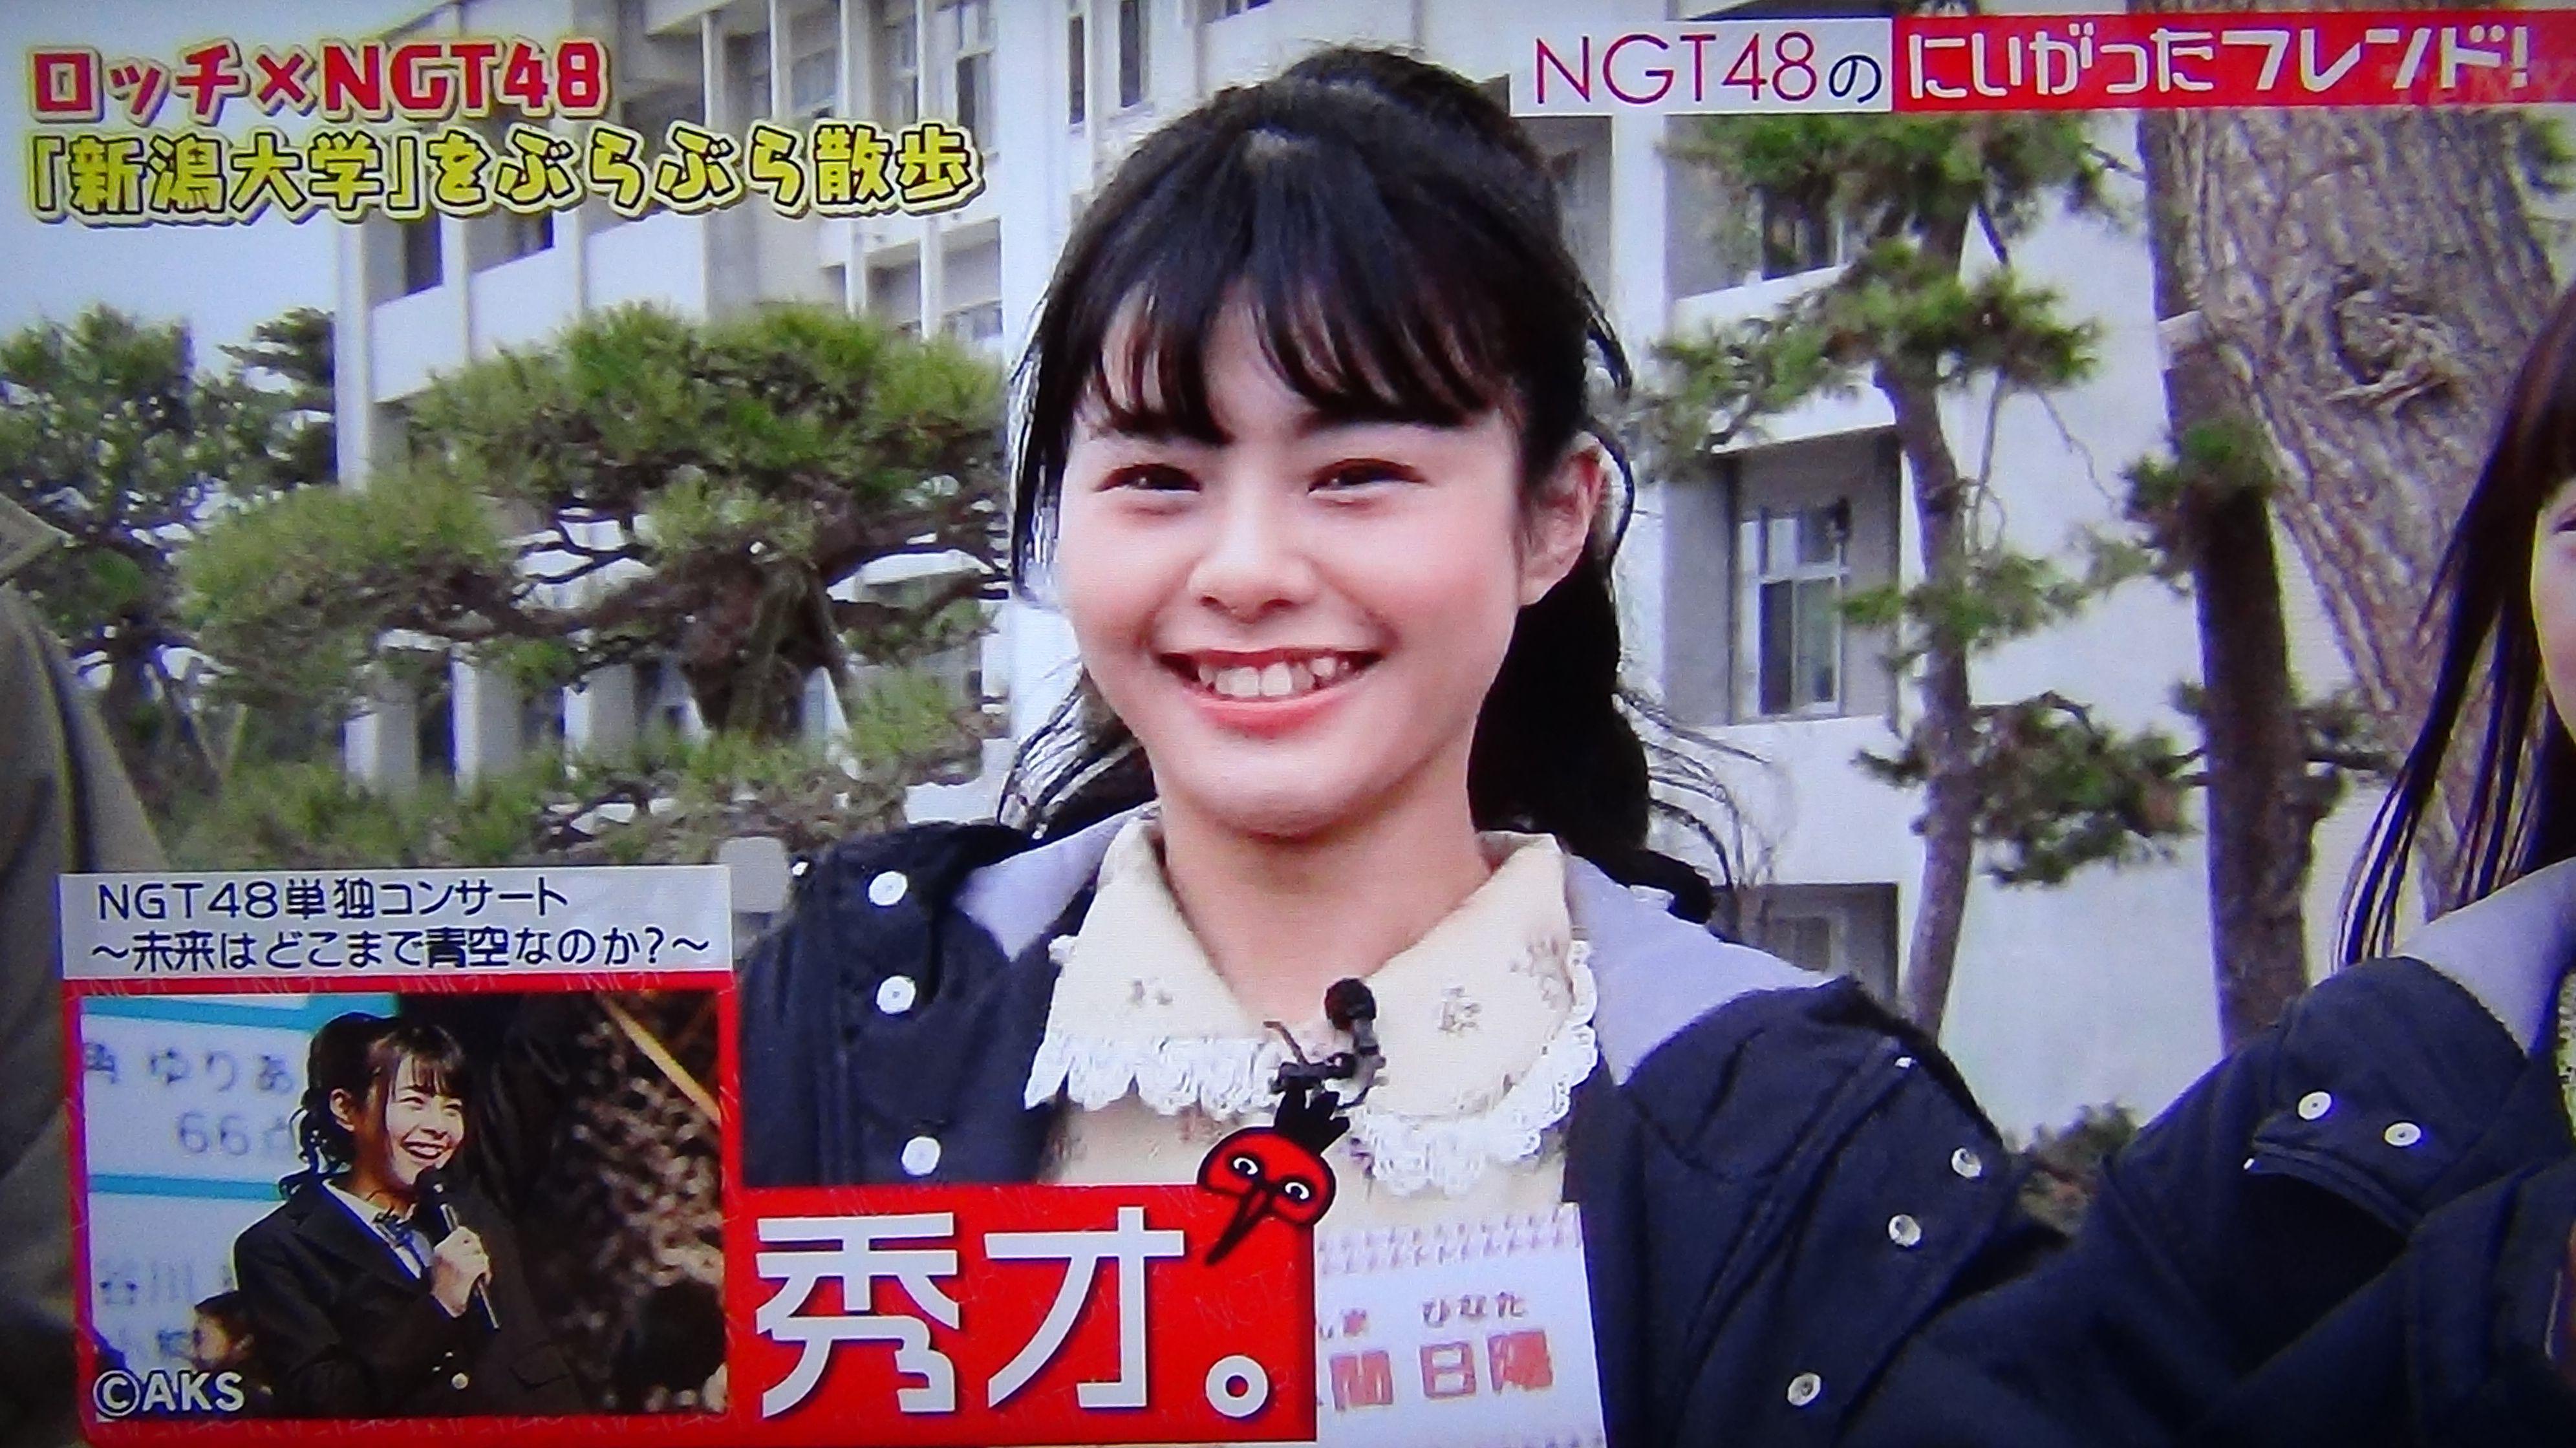 NGT48のにいがったフレンド #59   ペロンチュのブログ - 楽天ブログ